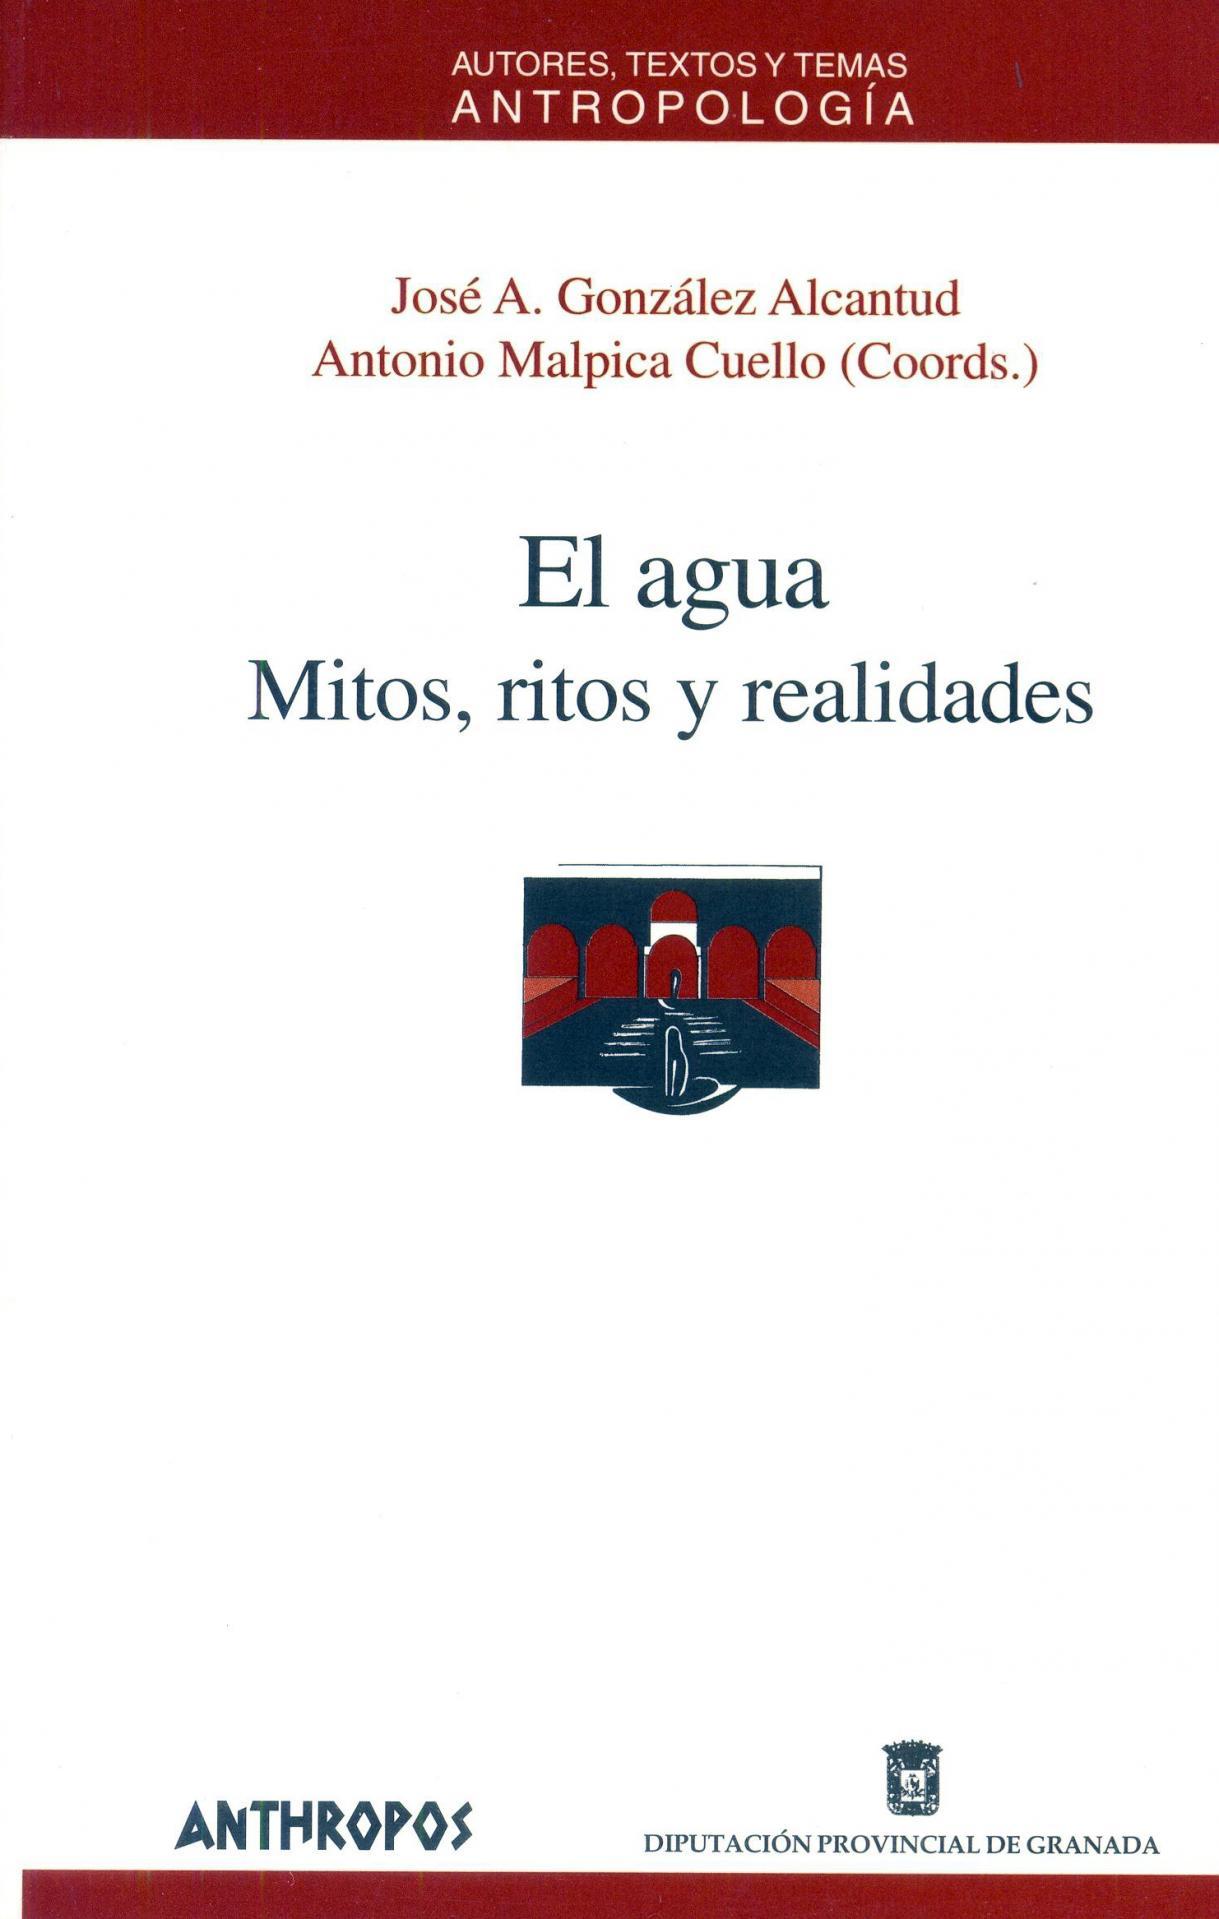 EL AGUA. Mitos, ritos y realidades.  González Alcantud, JA.; Malpica Cuello, A.